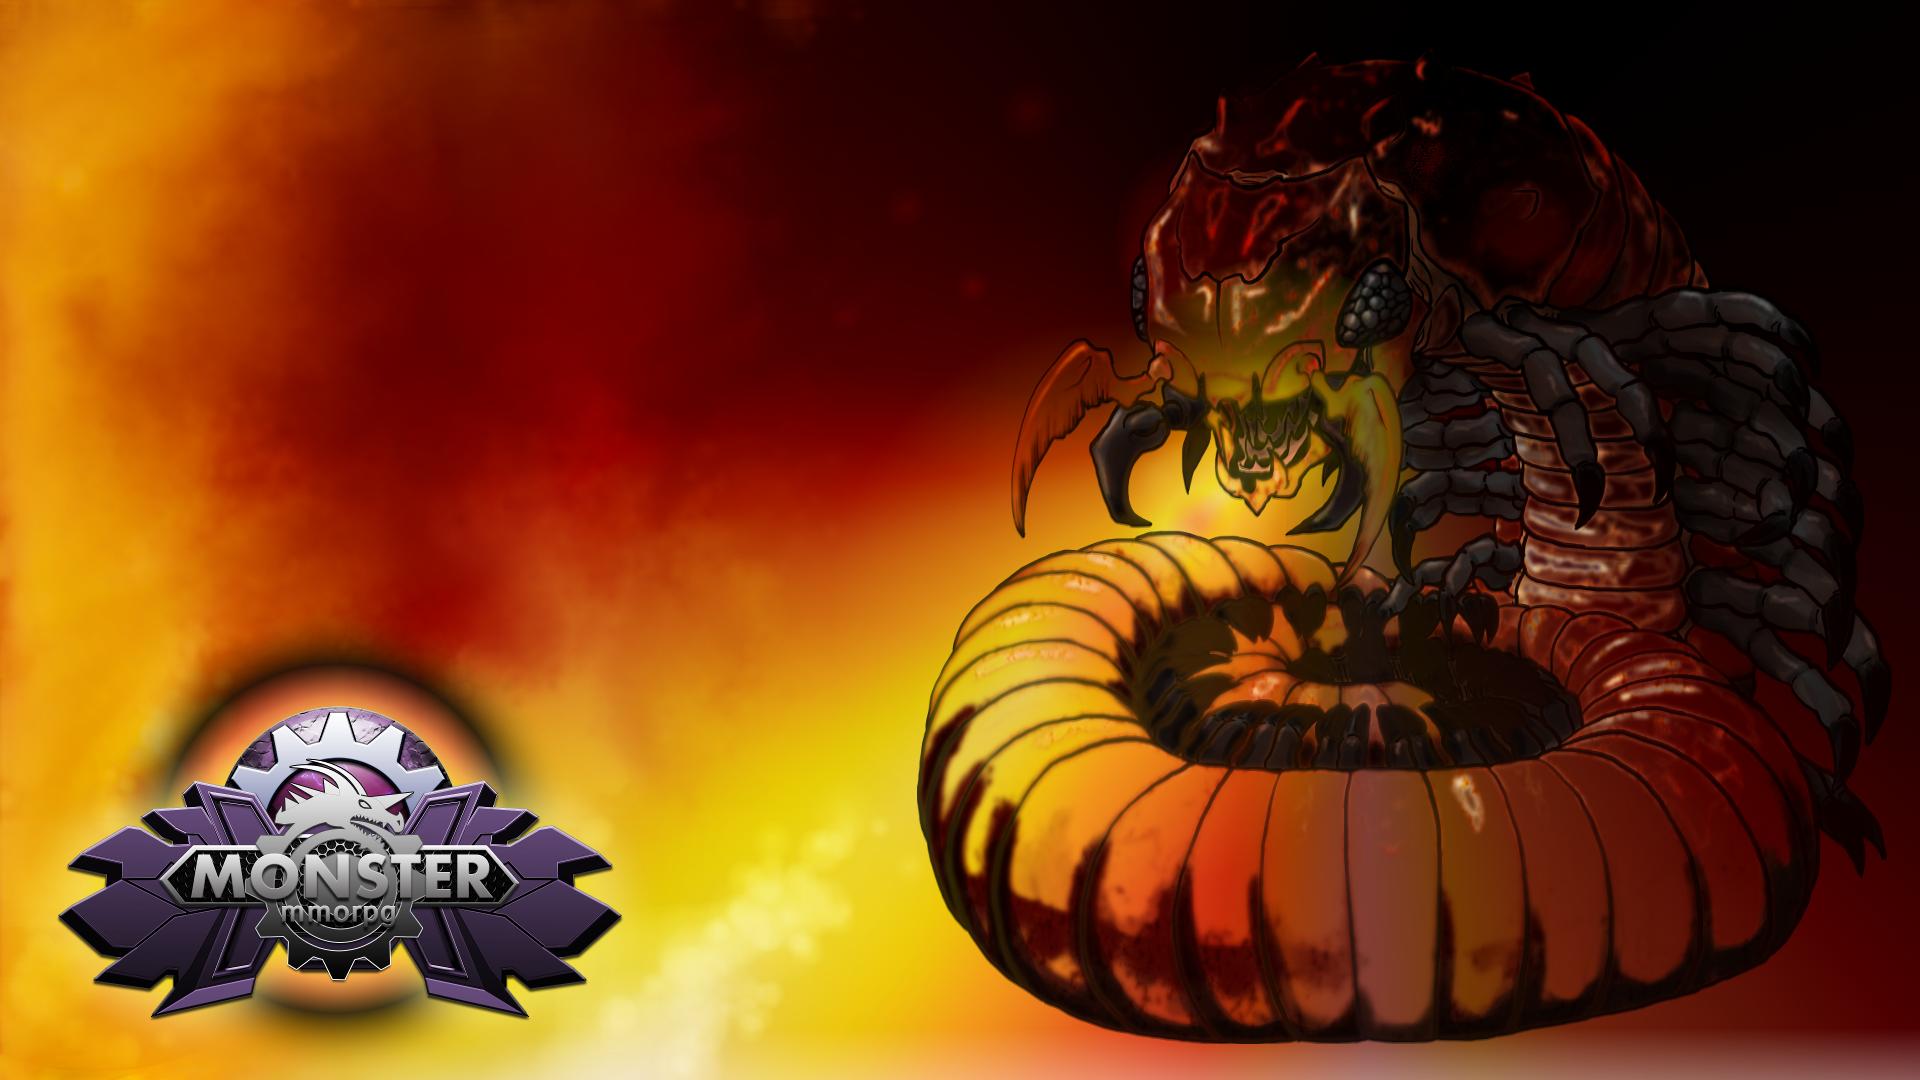 monstermmorpg for pokemon fans